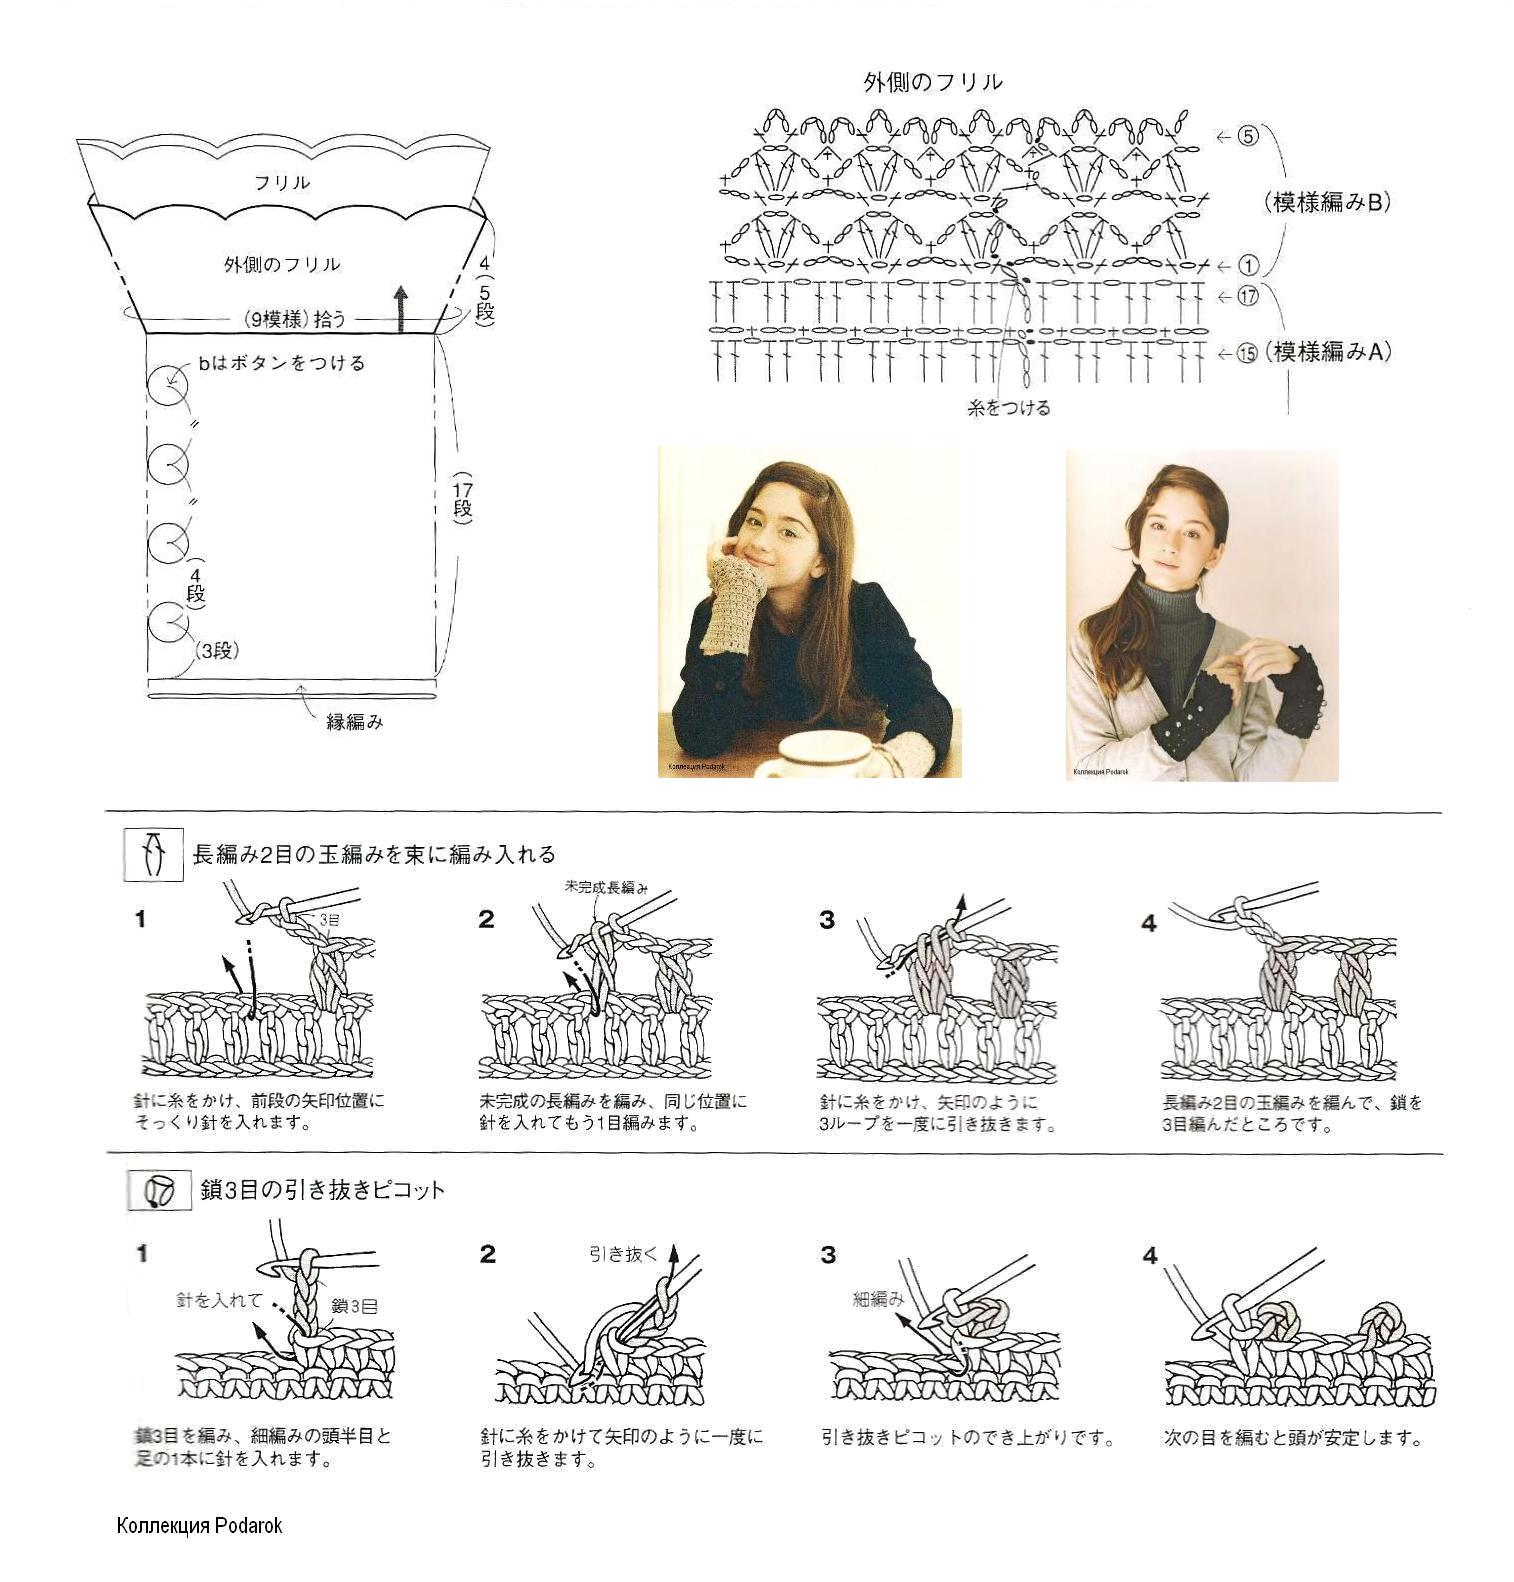 Описание и схемы вязания митенок крючком для начинающих: с пальцем и без, ажурные, с узором